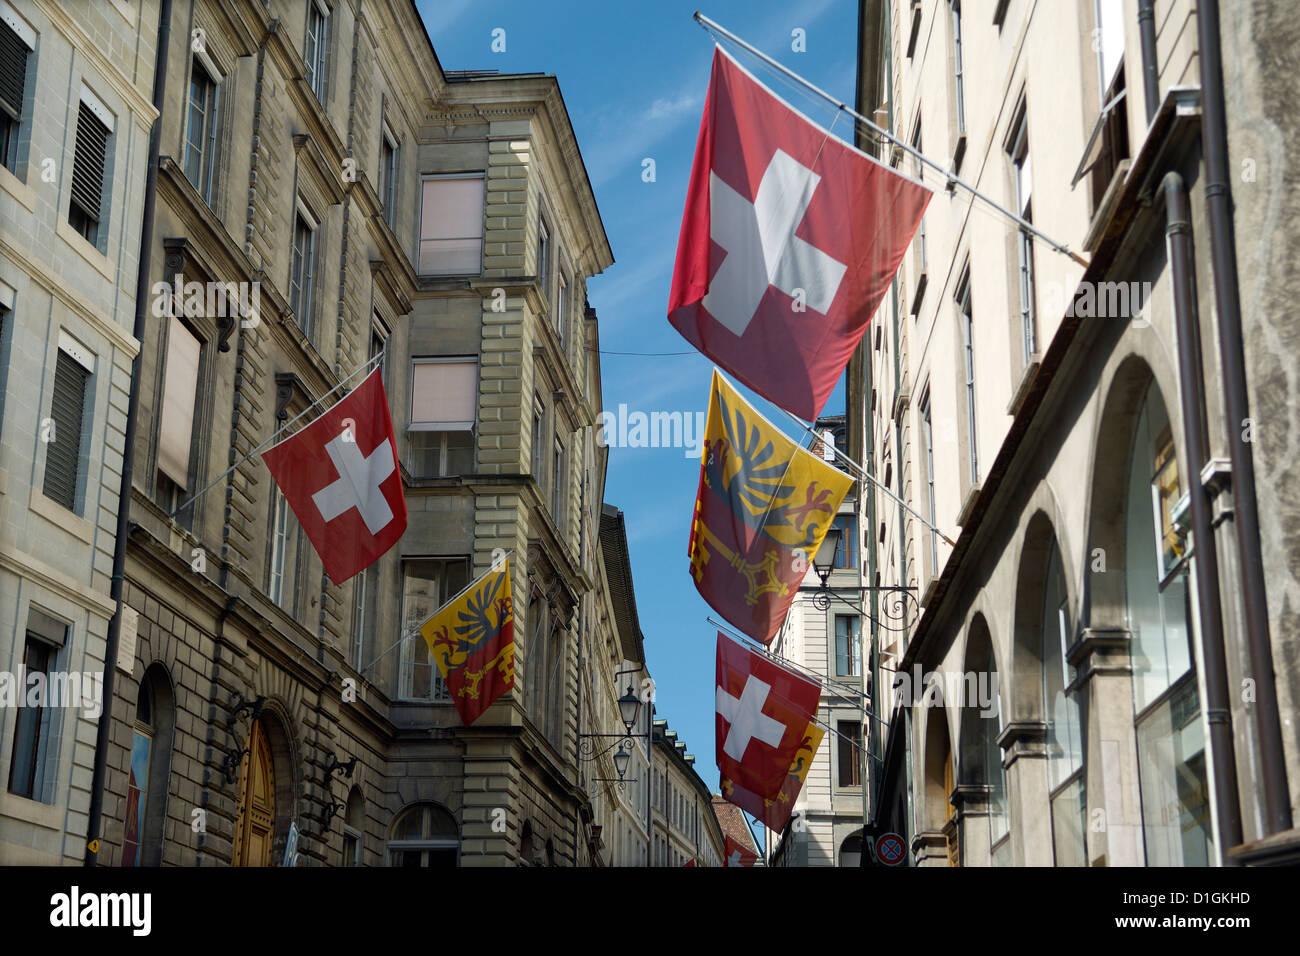 Straßenszenen in Genf alte Stadt, Genf, Schweiz, Europa Stockbild